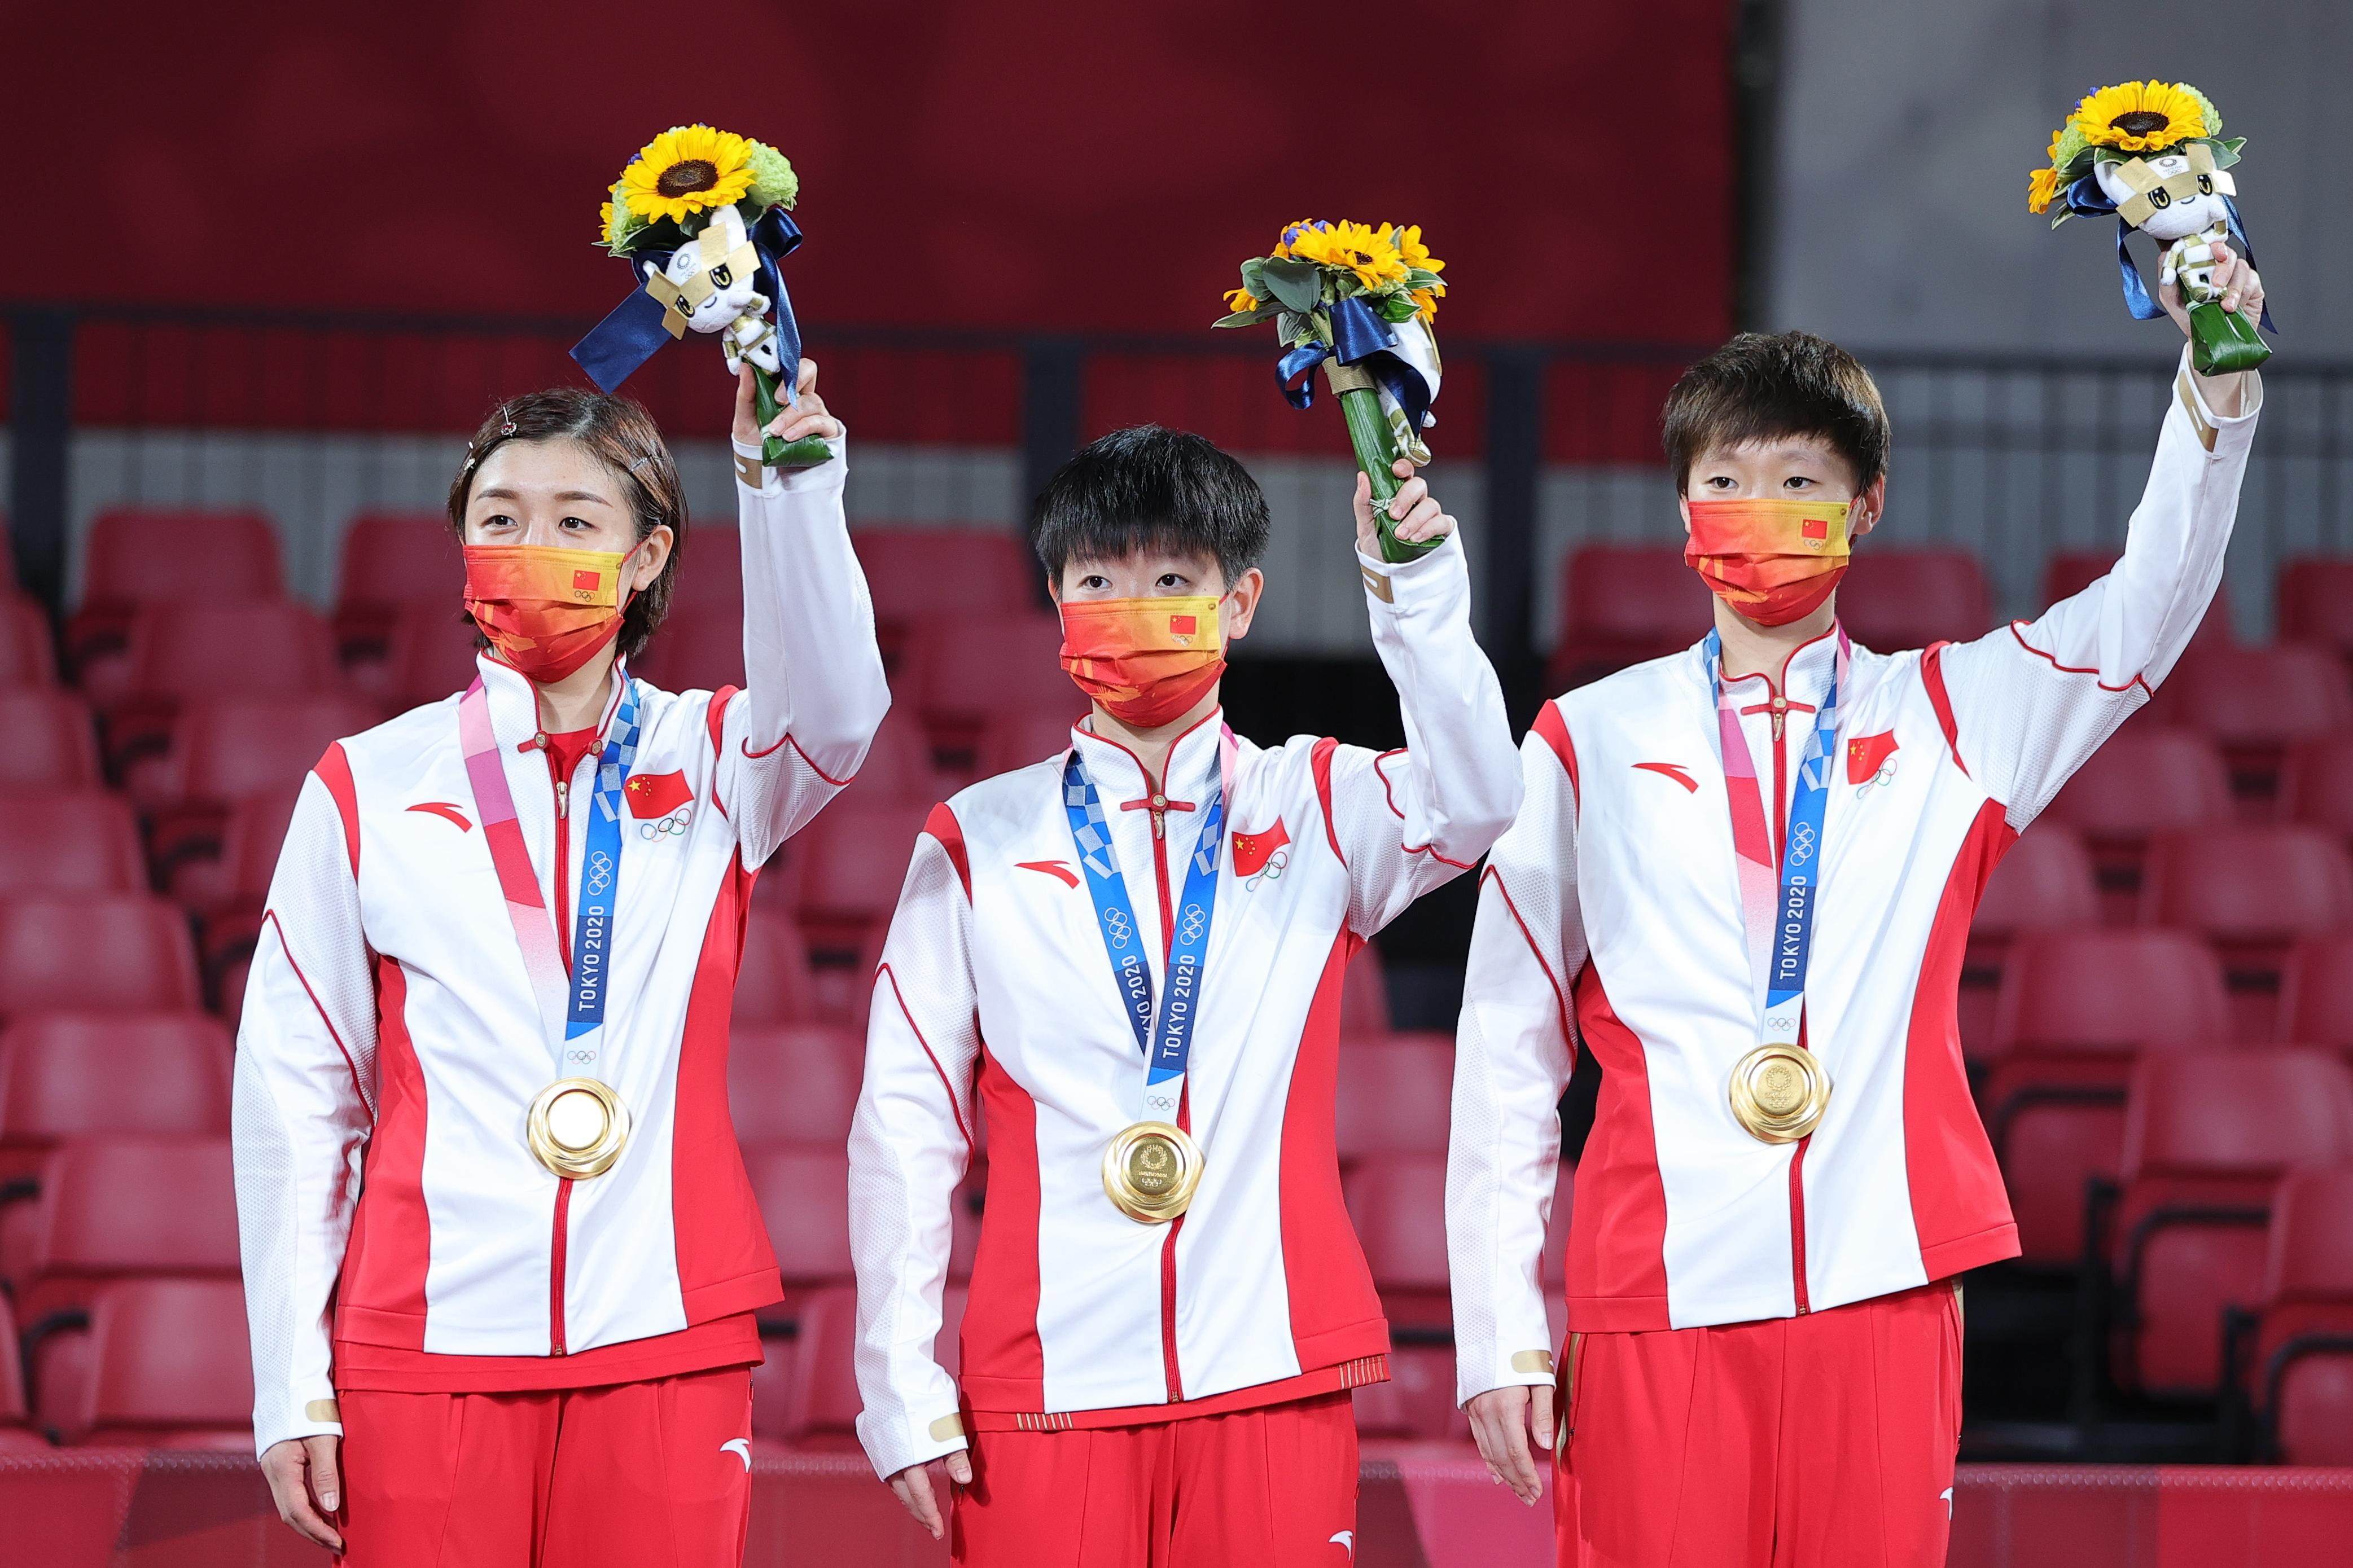 8月5日,中国队选手陈梦(左)、孙颖莎(中)和王曼昱在颁奖仪式上。新华社记者王东震摄